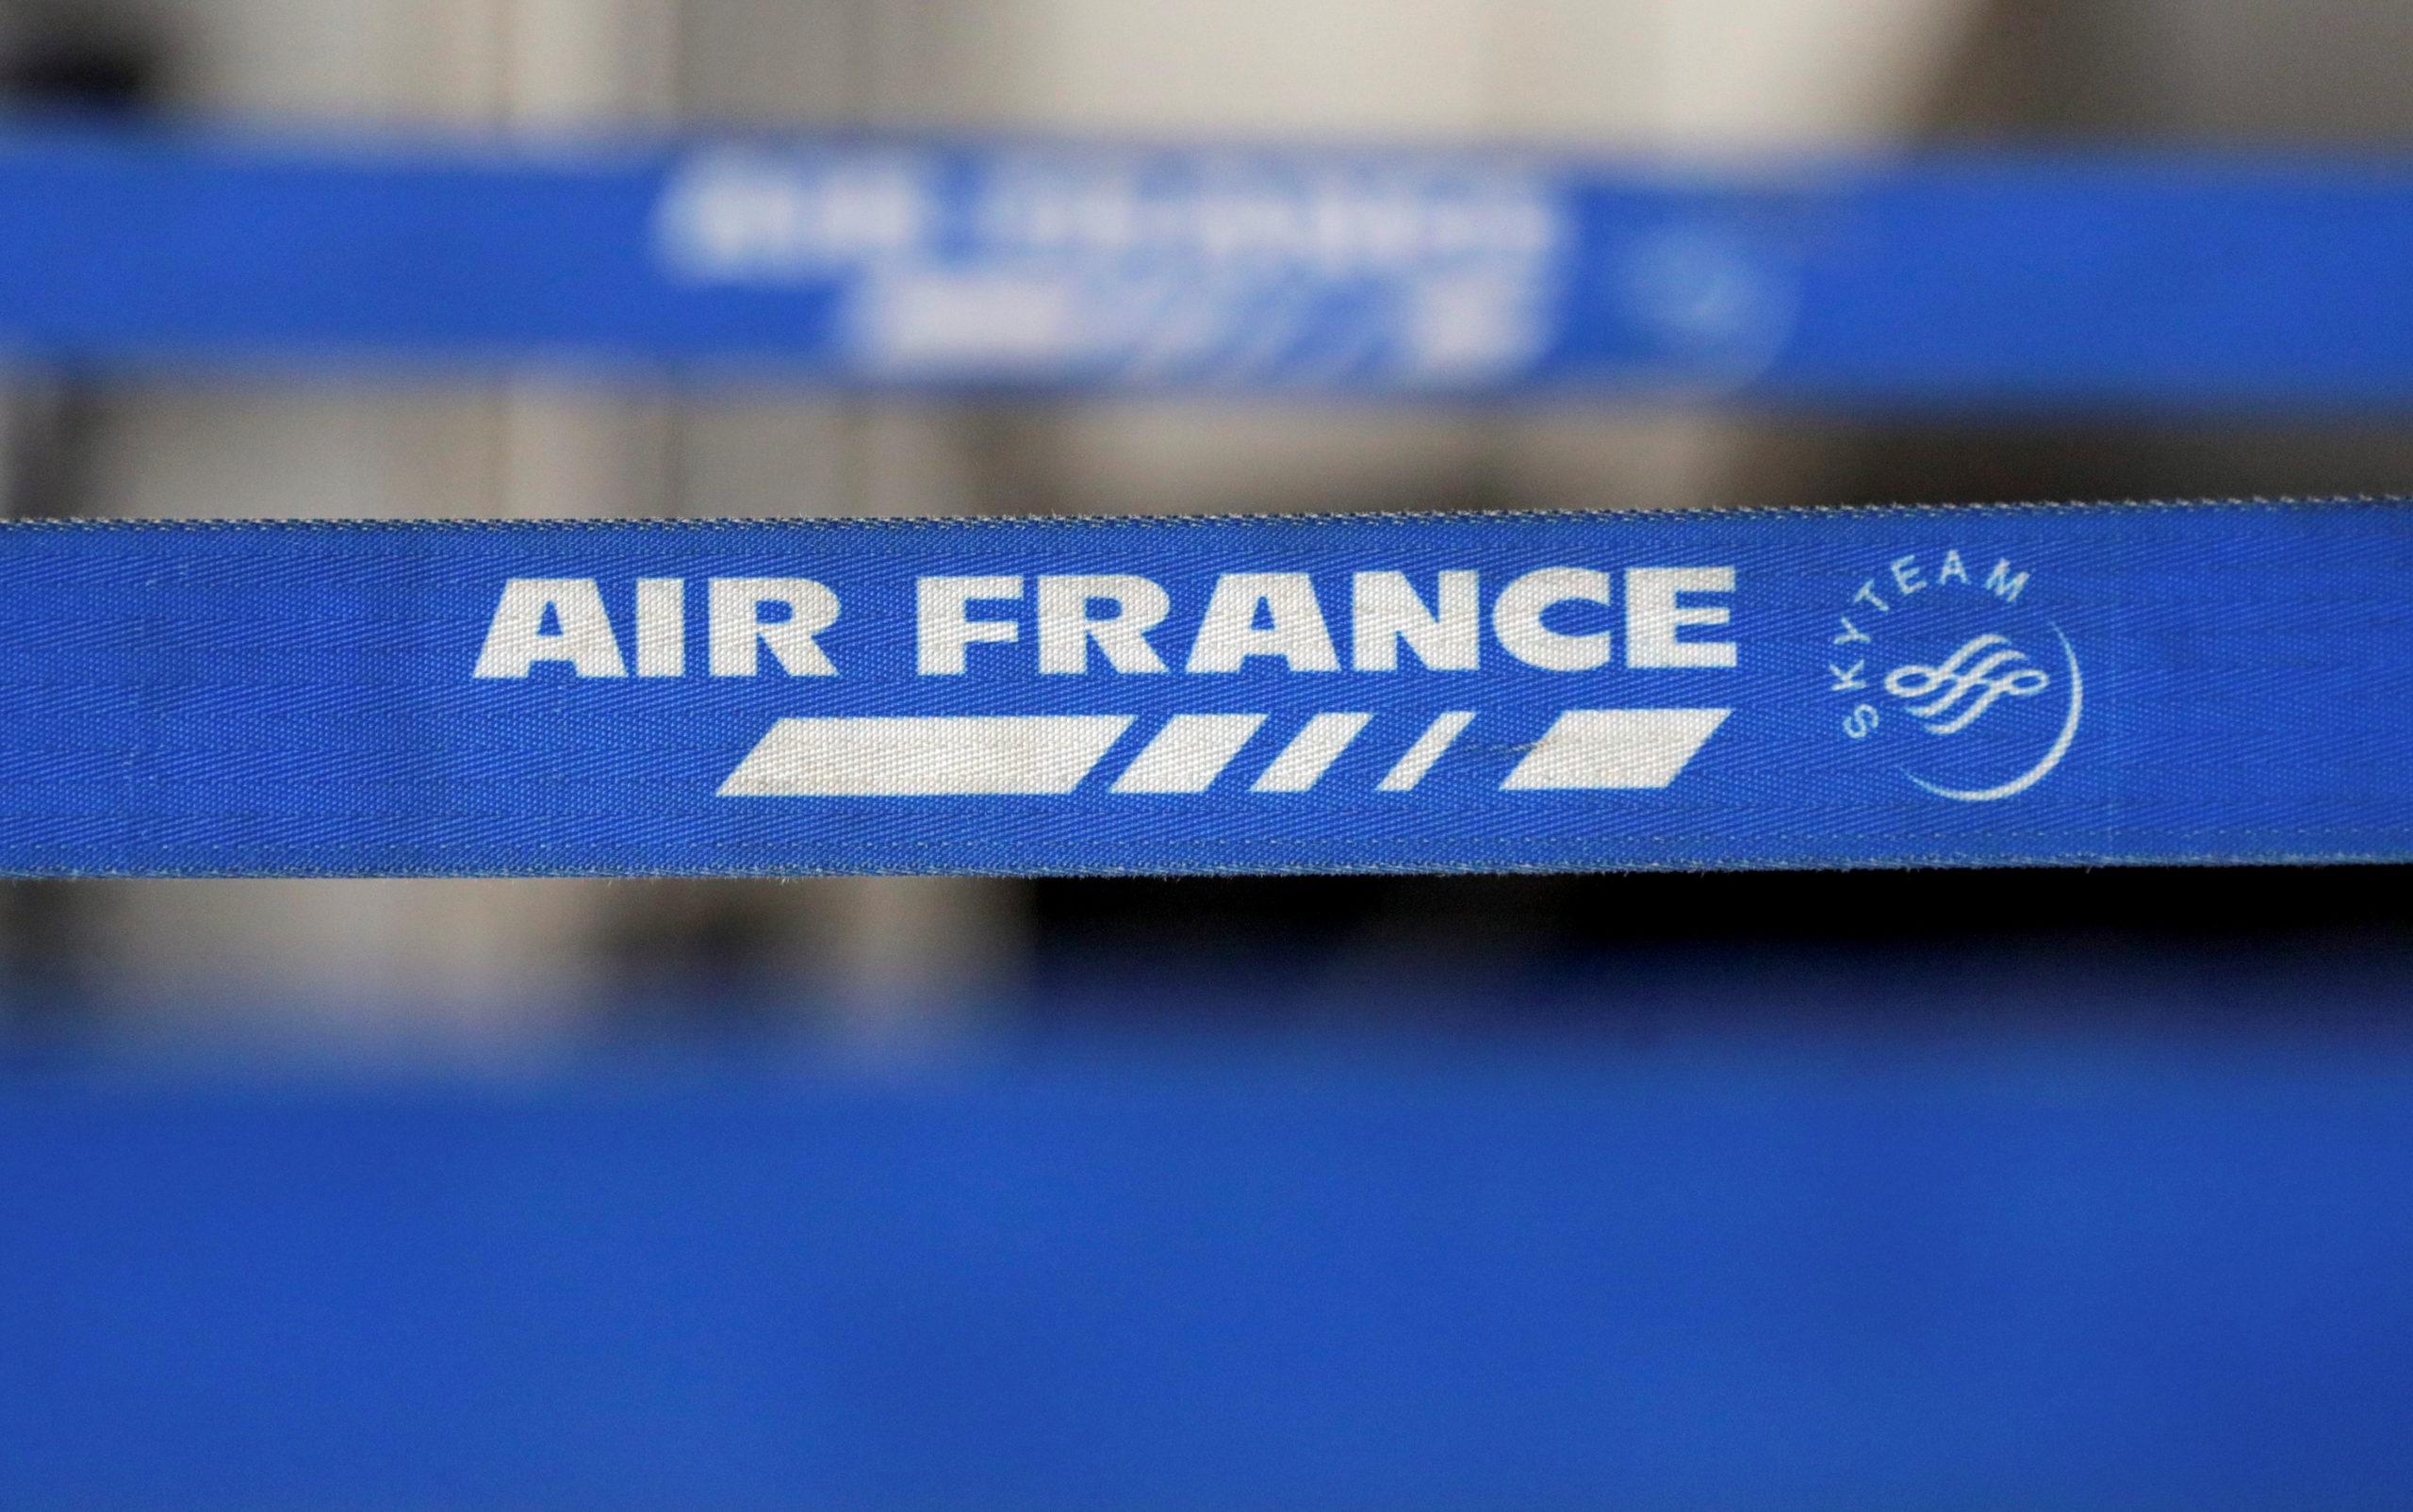 Air France: La justice européenne rejette le recours de Ryanair contre les aides publiques